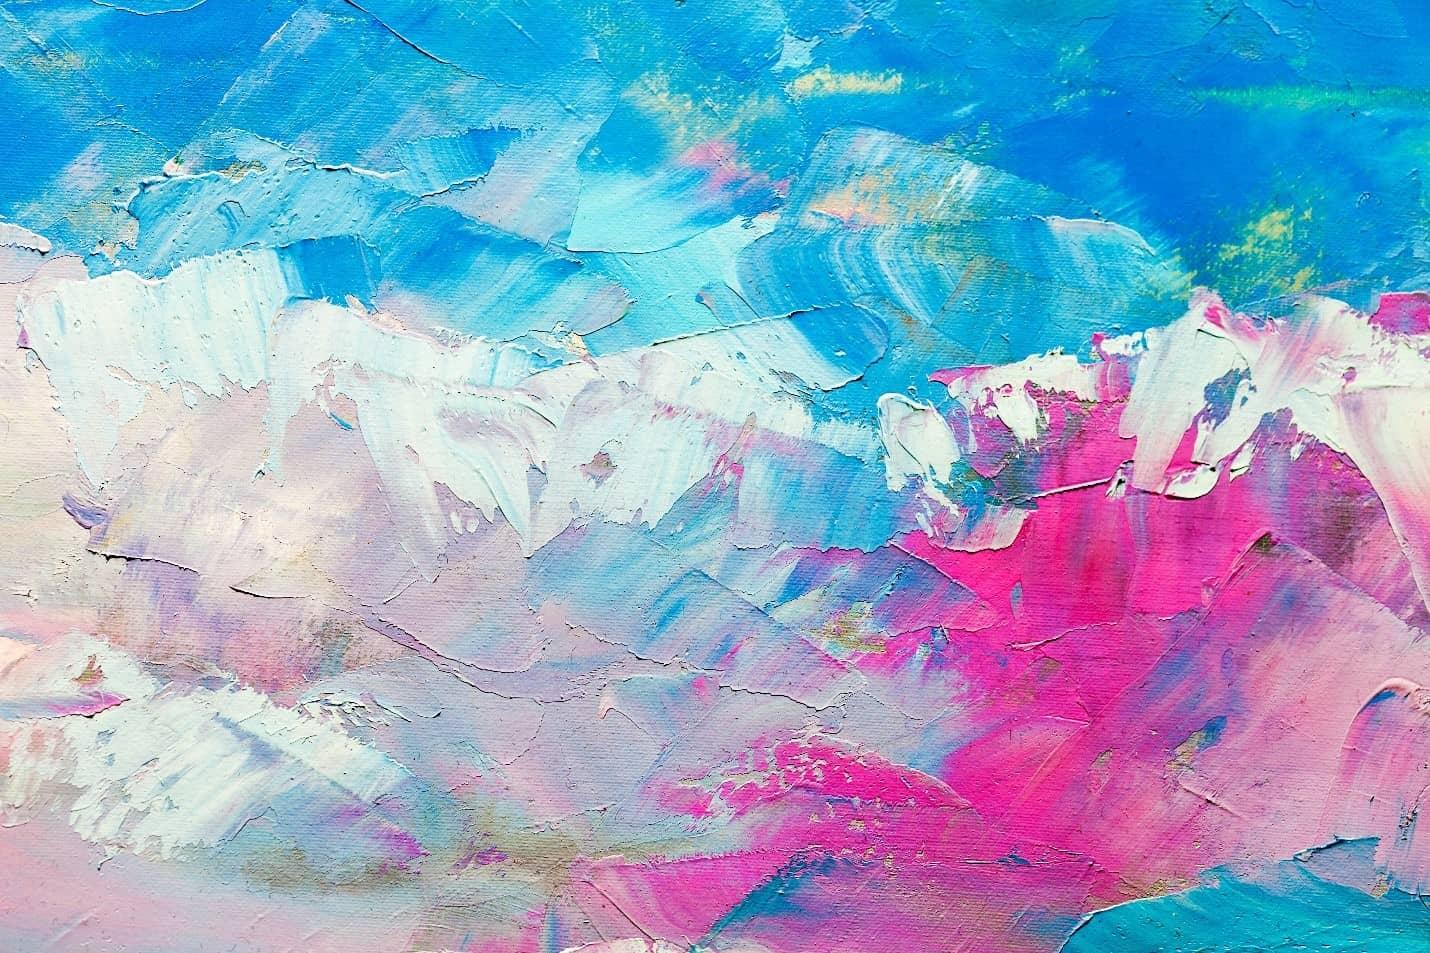 notīrīt krāsu no flīžu grīdas